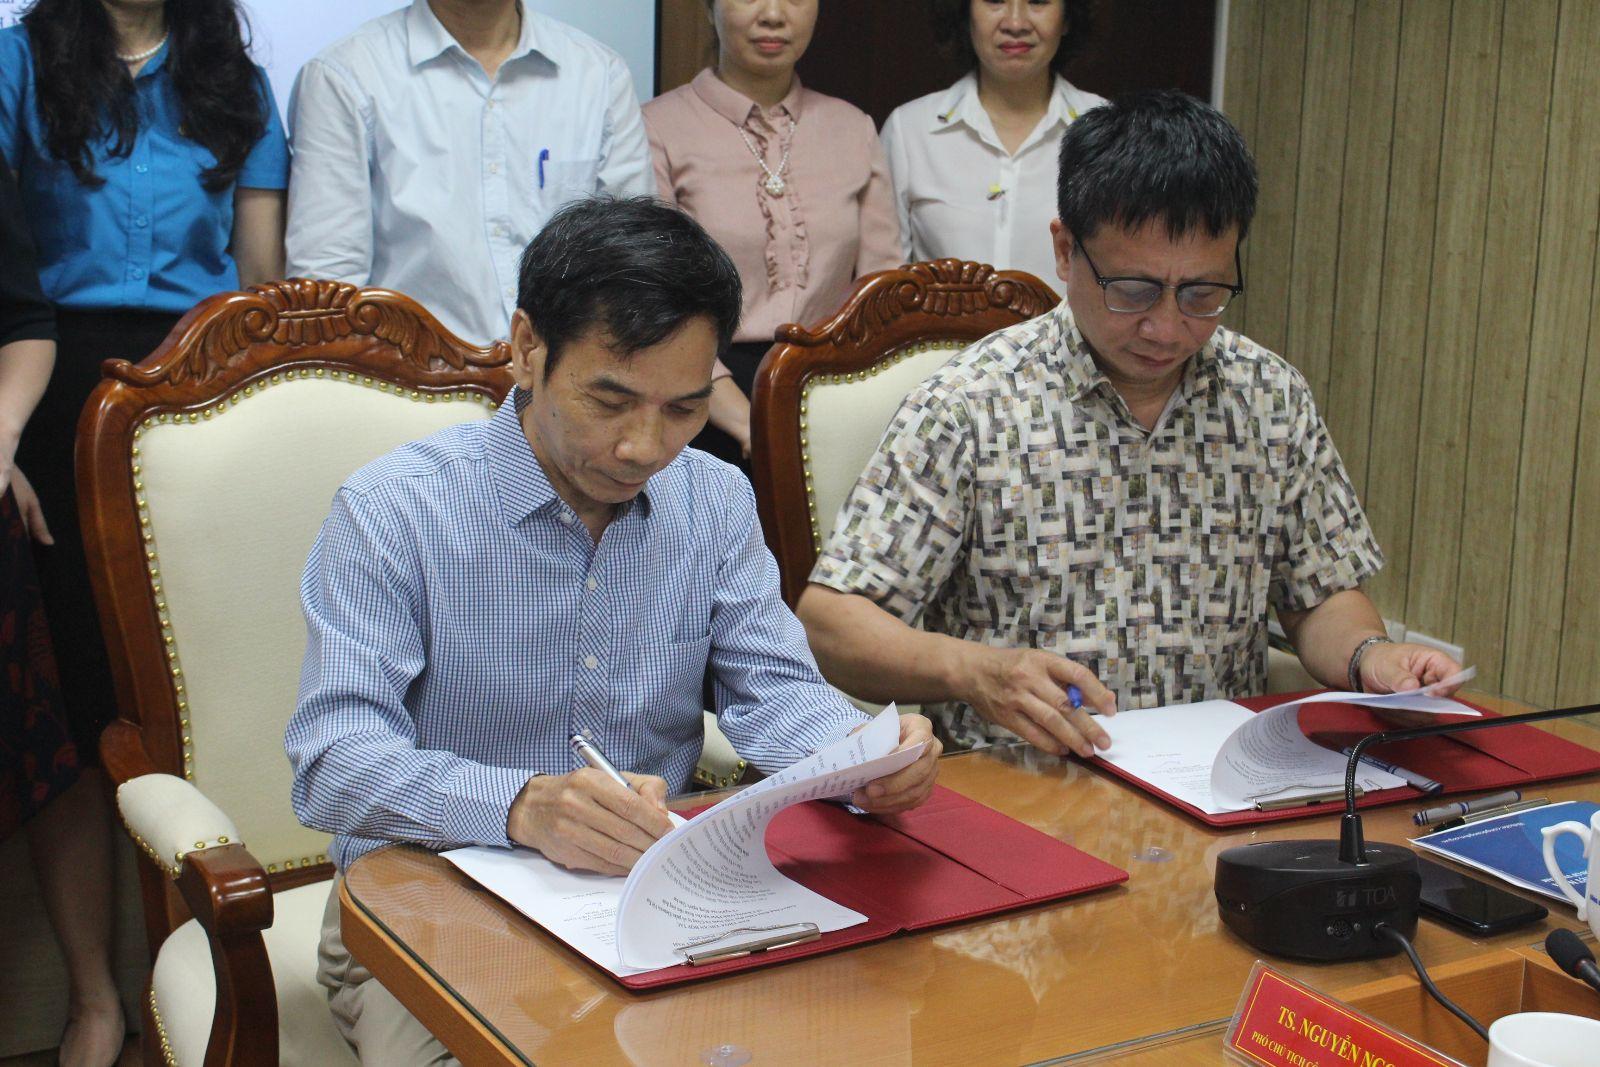 Thỏa thuận hợp tác với công đoàn ngành Giáo dục Việt Nam